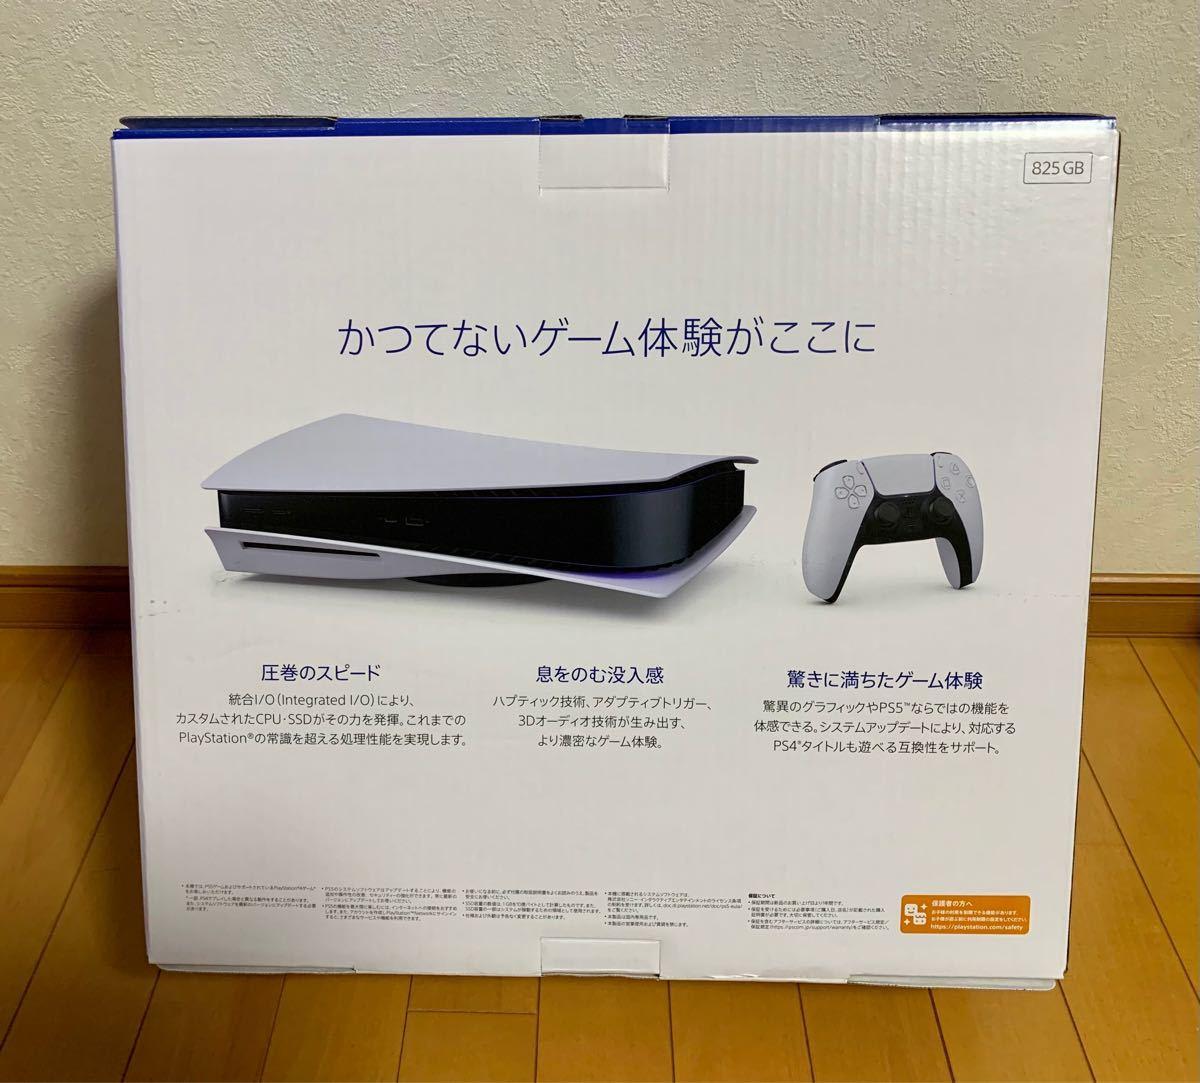 【値下げ◆未開封新品】SONY PlayStation5 本体 ディスクドライブ搭載 PS5